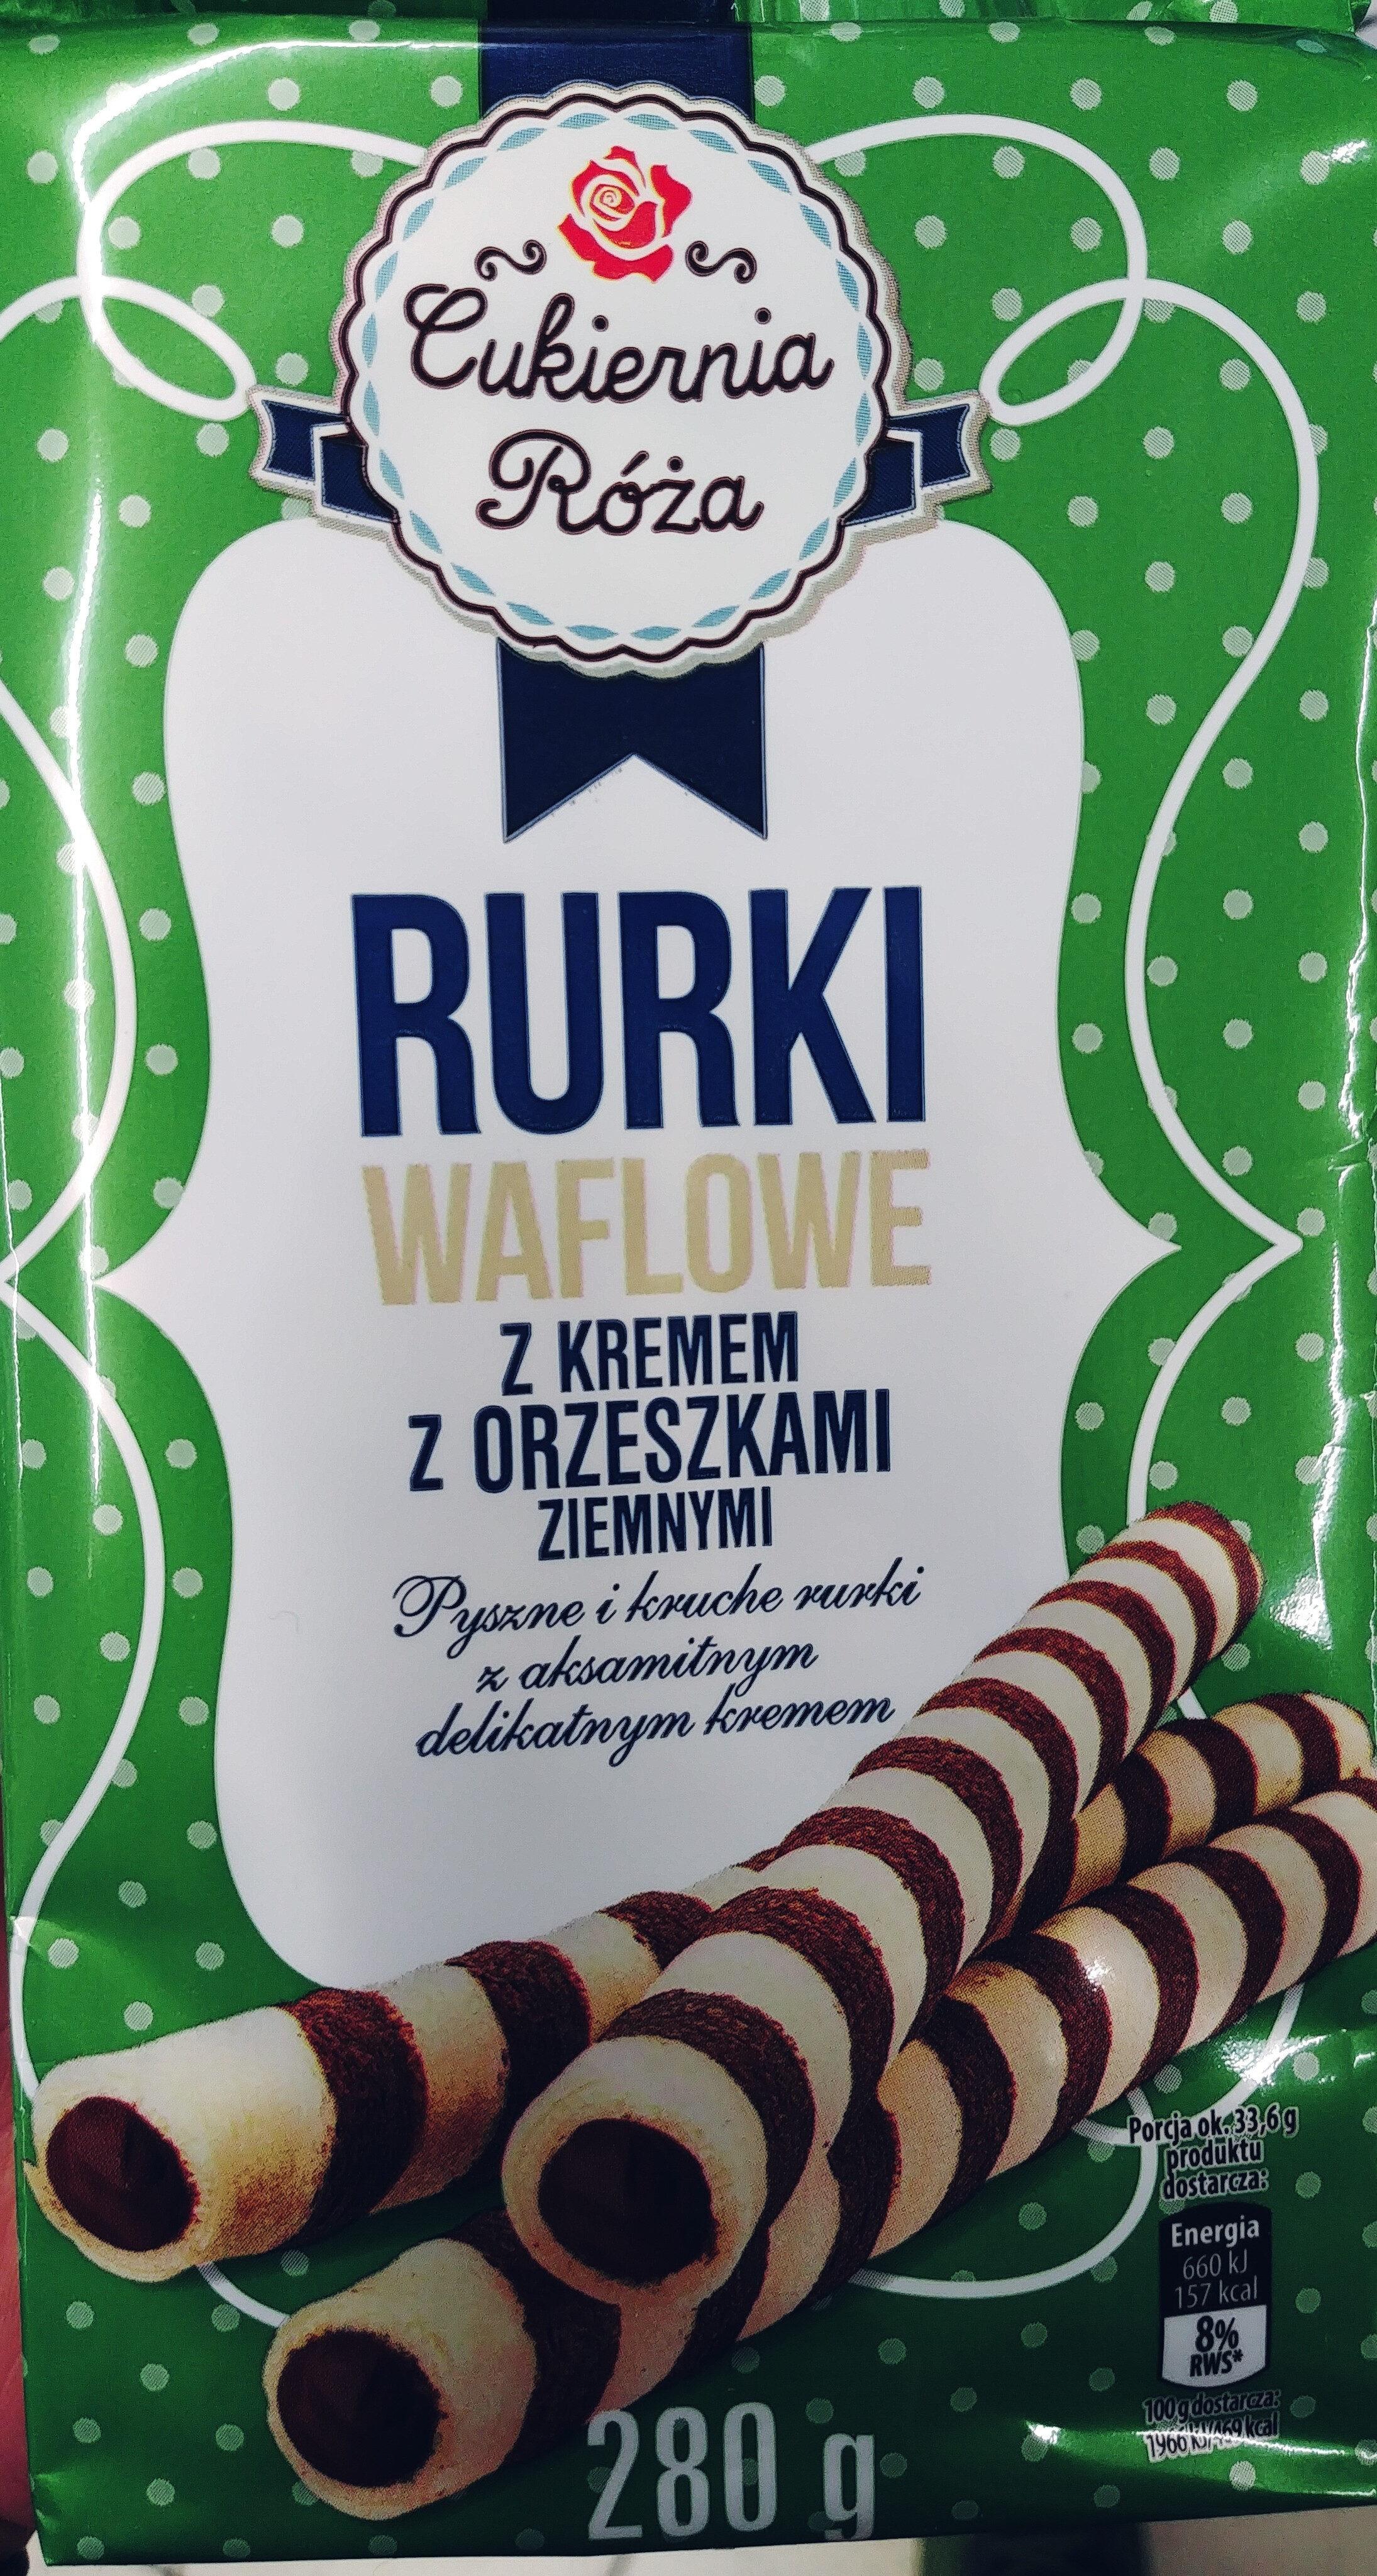 Rurki waflowe z kremem z orzeszkami ziemnymi (60%). - Produkt - pl